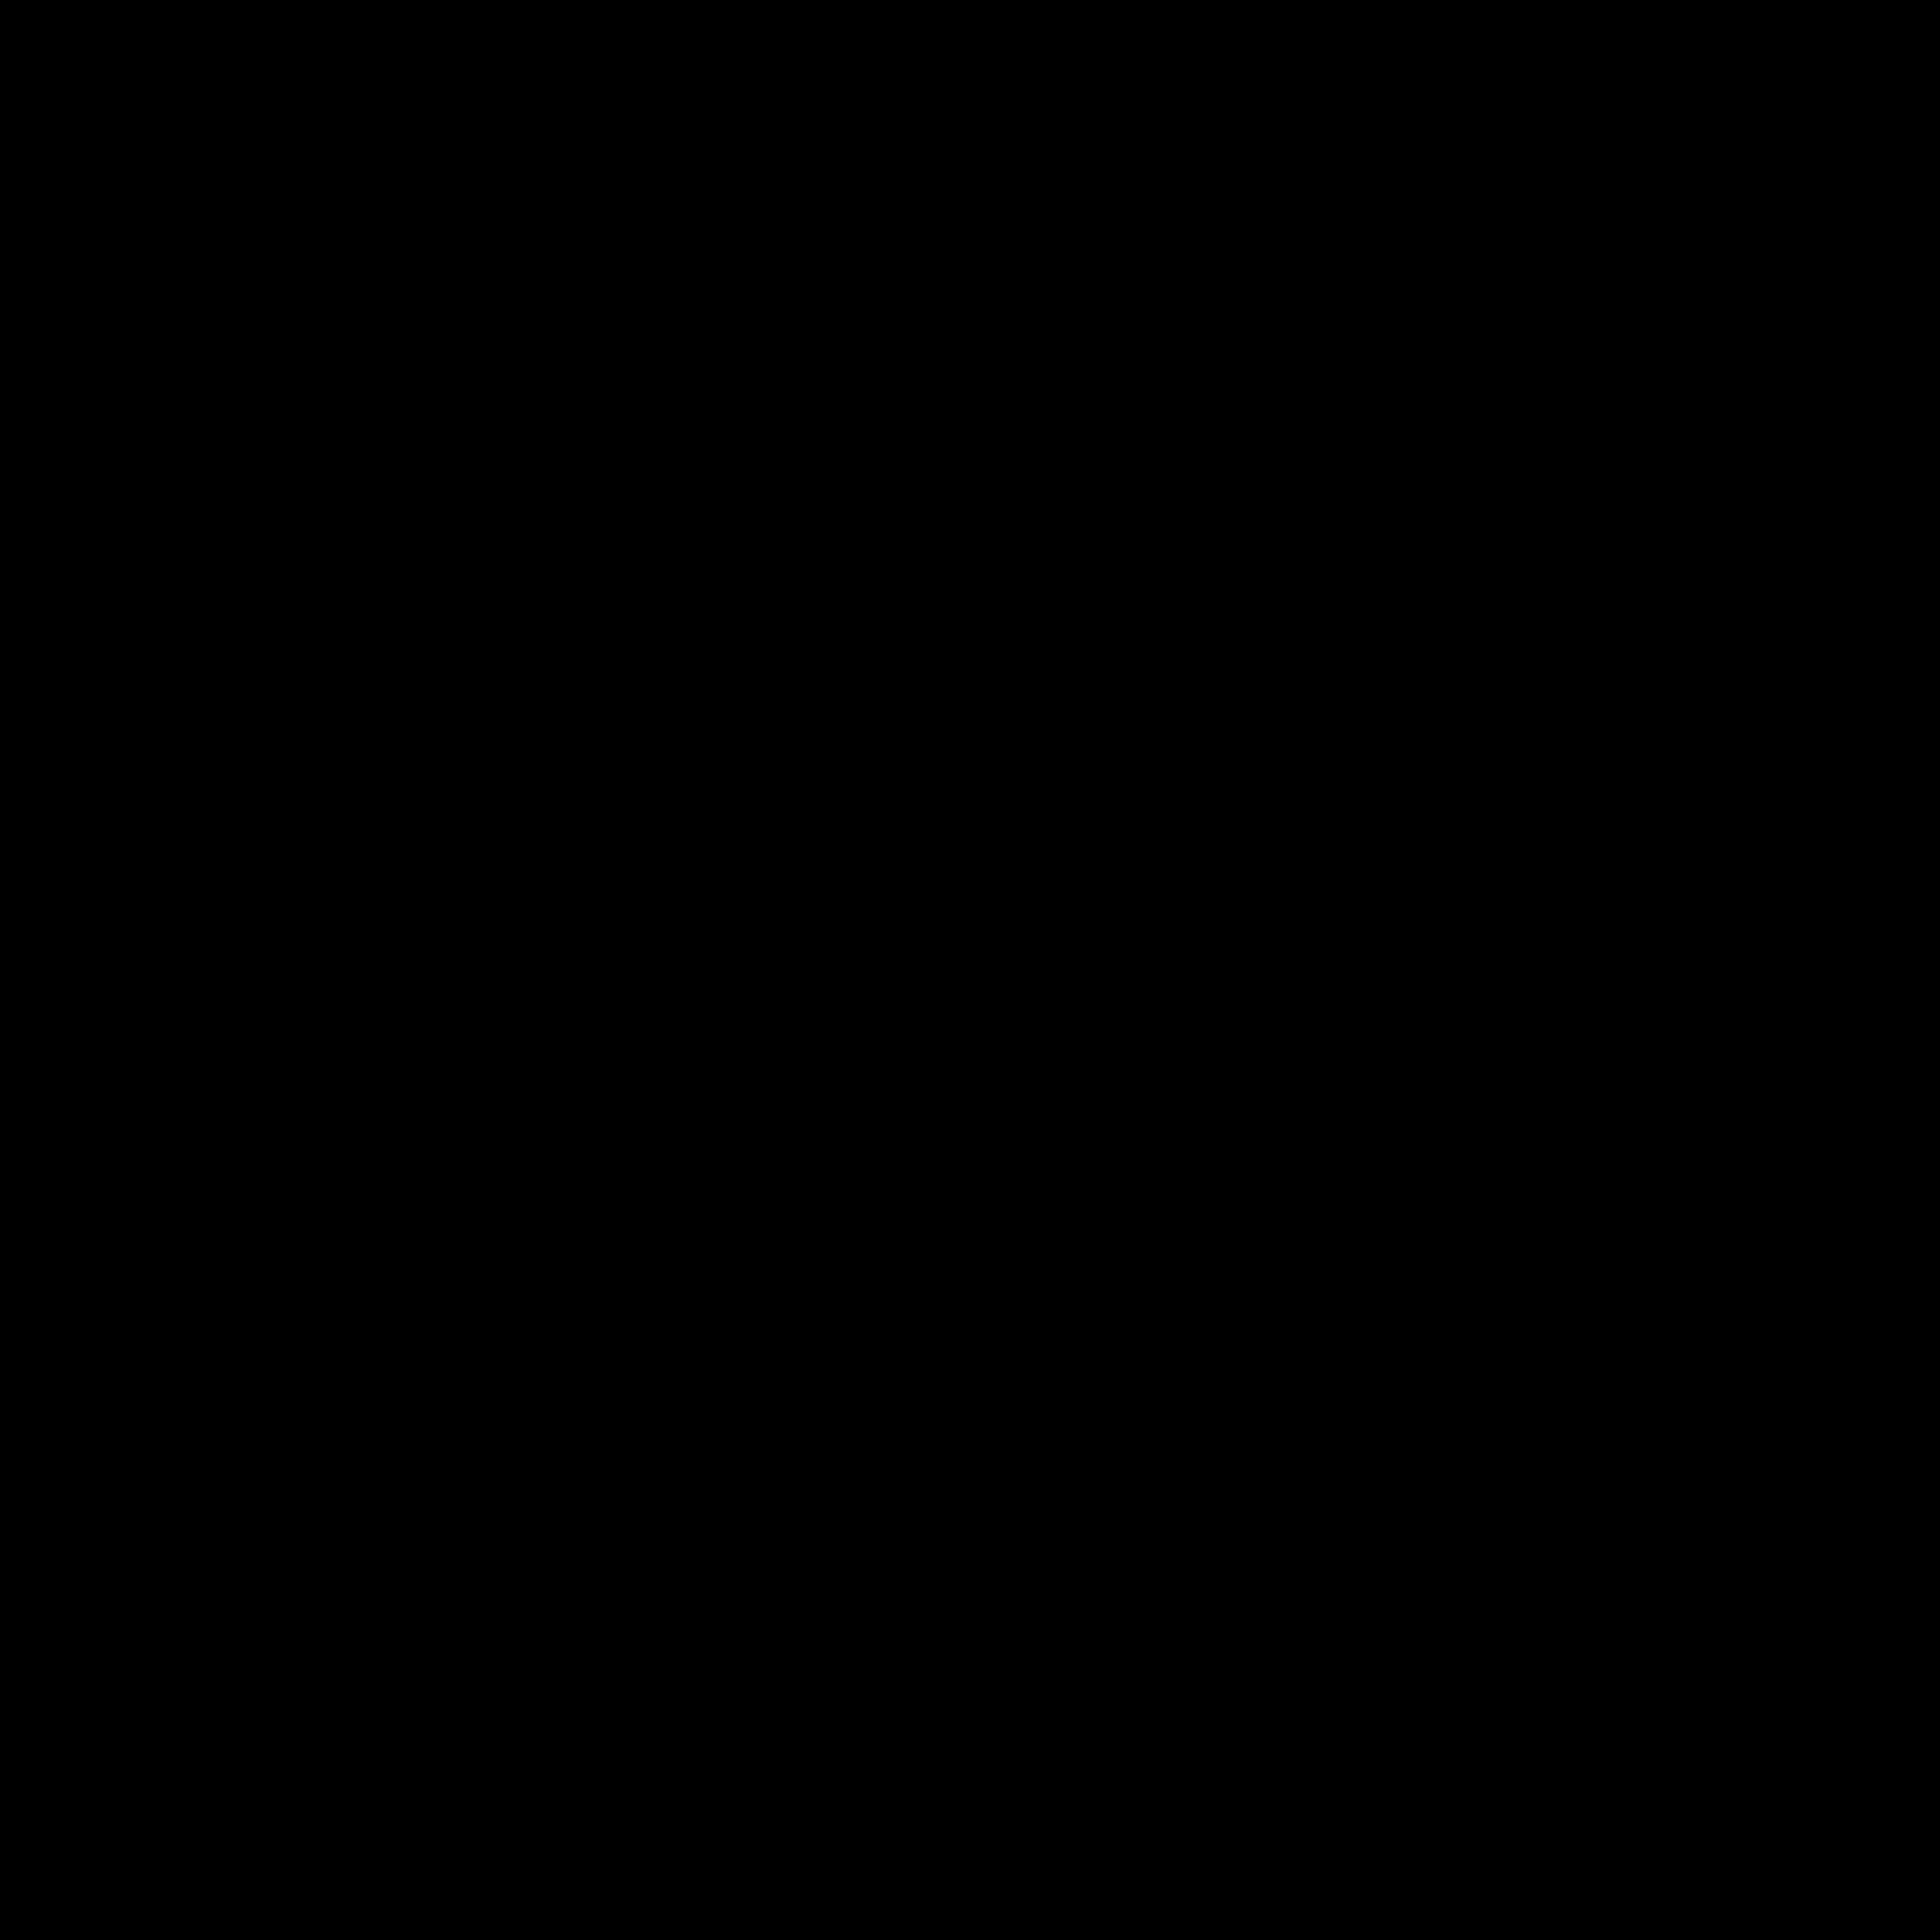 Télécharger photo loading transparent png